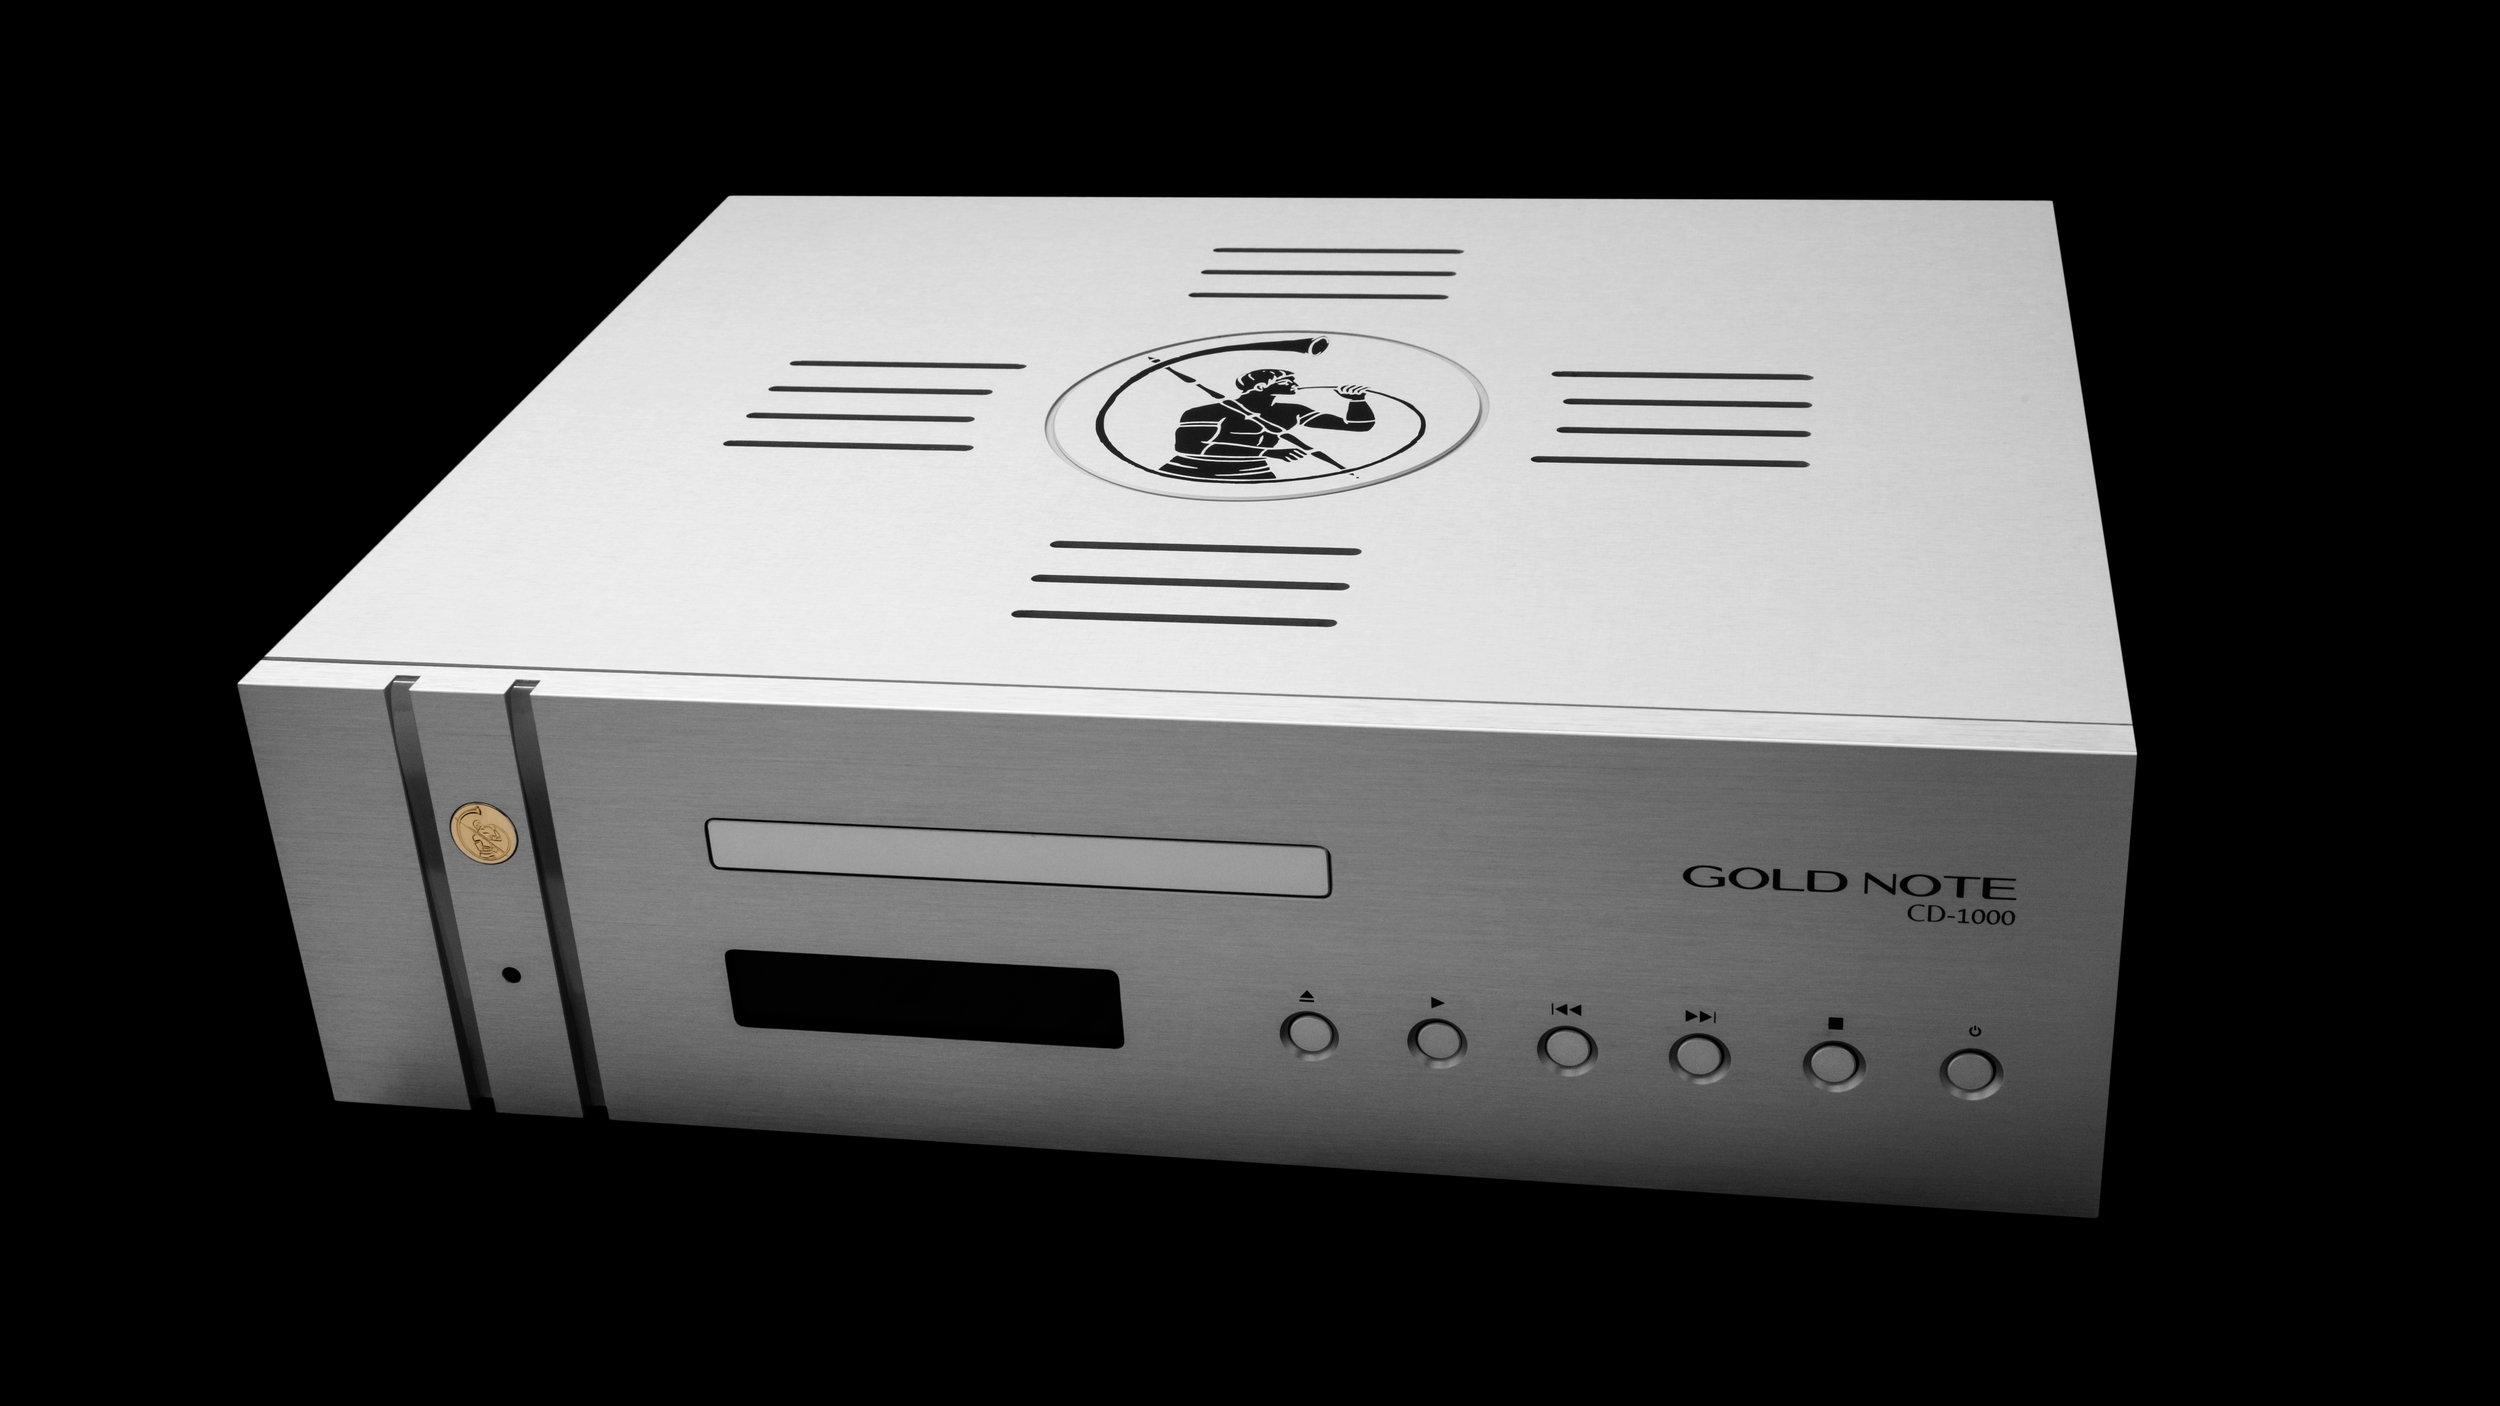 CD-1000-grey-wide-top-black-2.jpg